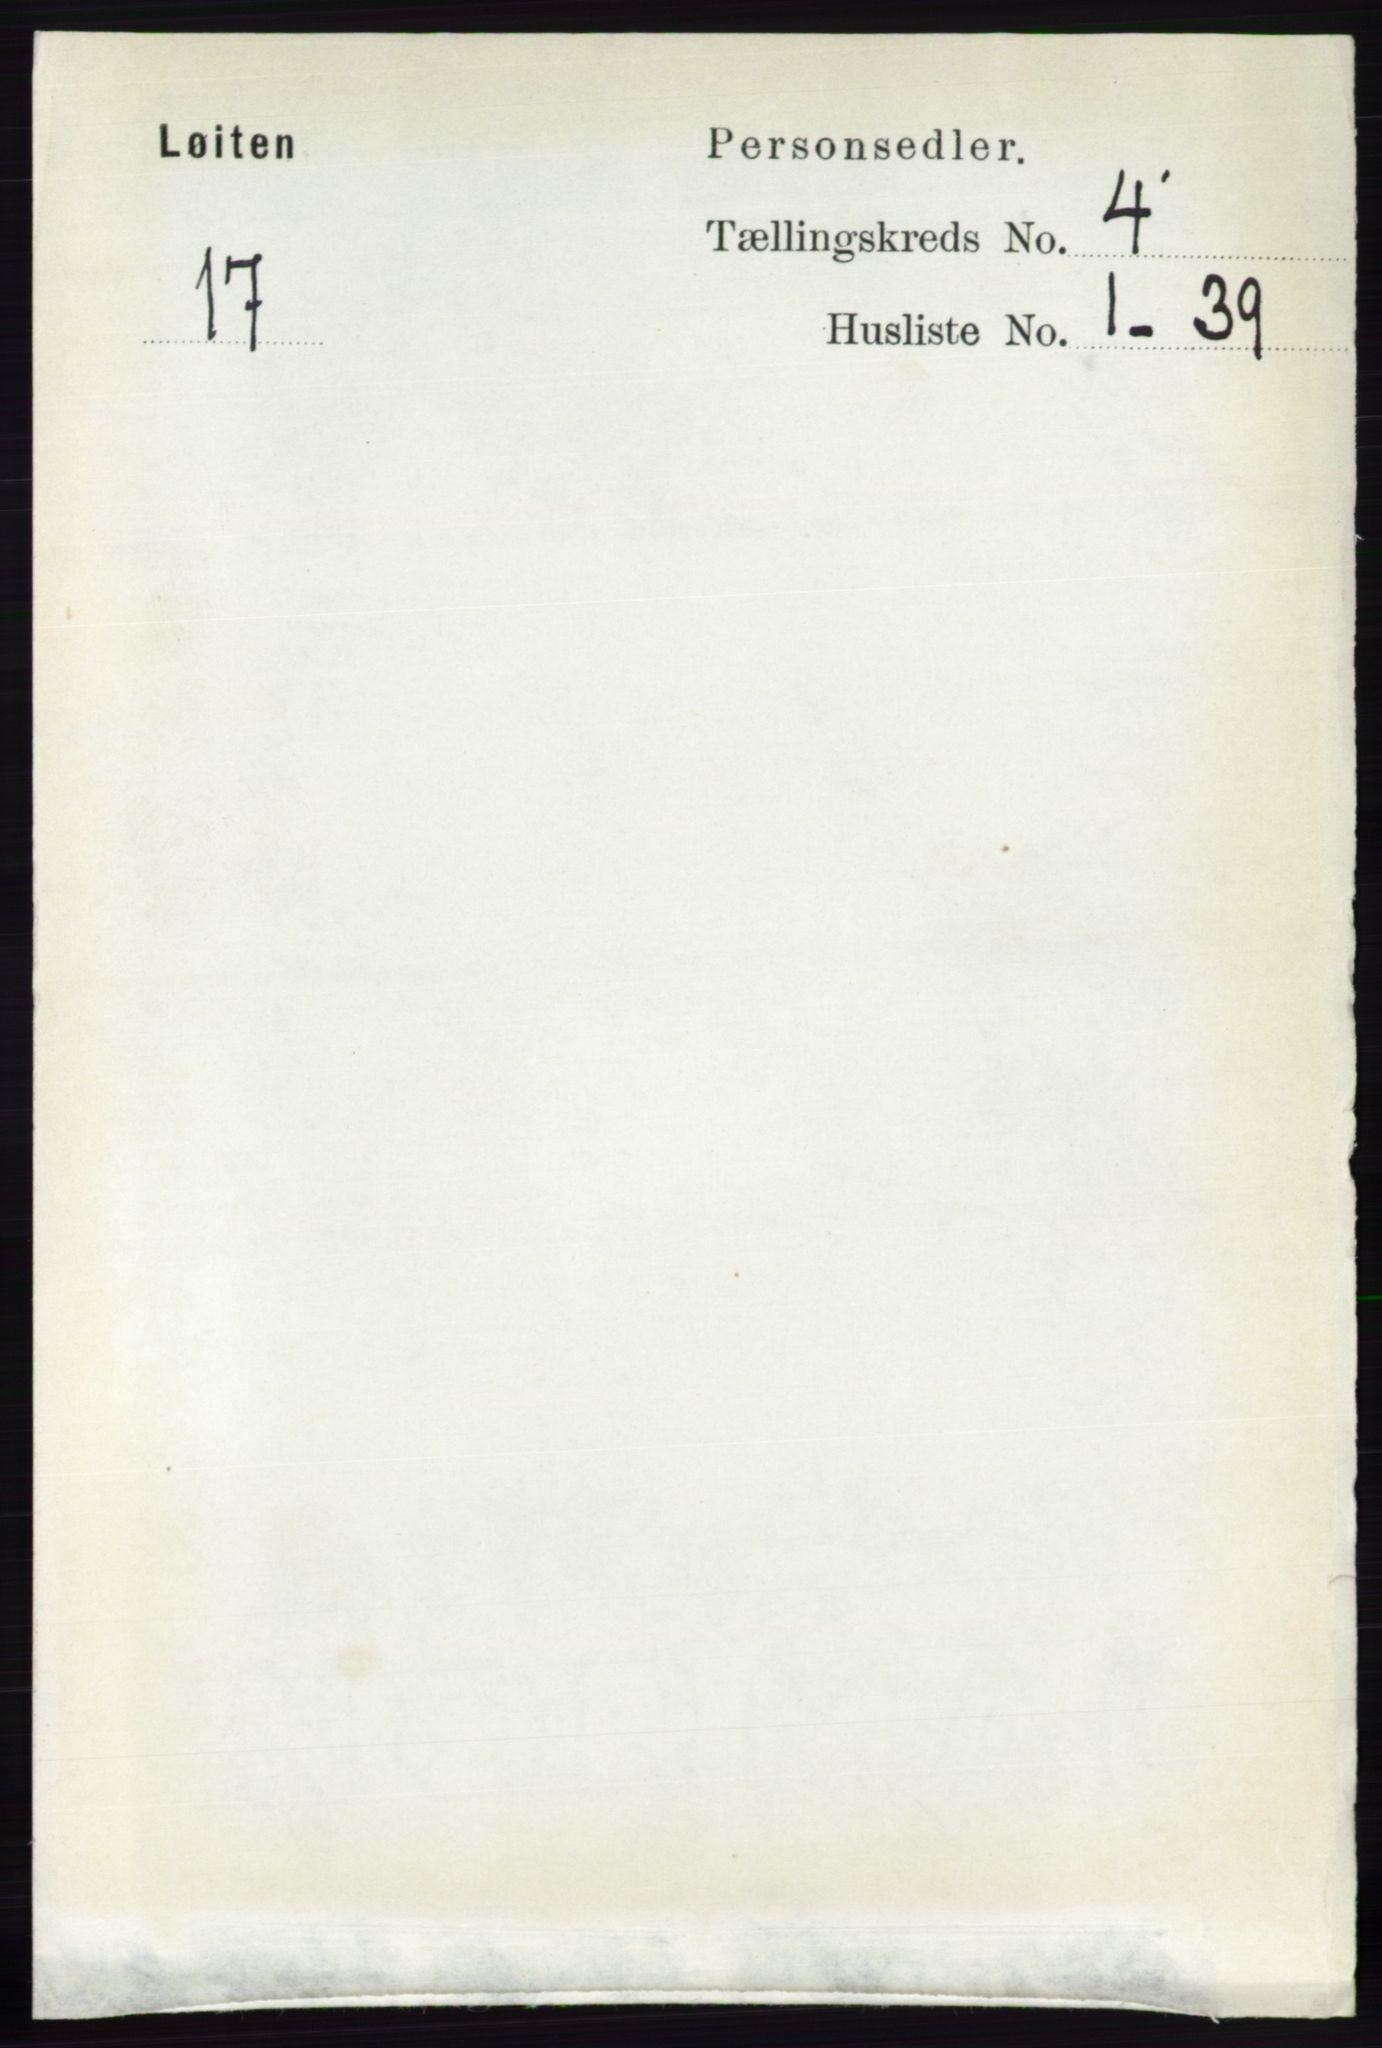 RA, Folketelling 1891 for 0415 Løten herred, 1891, s. 2781